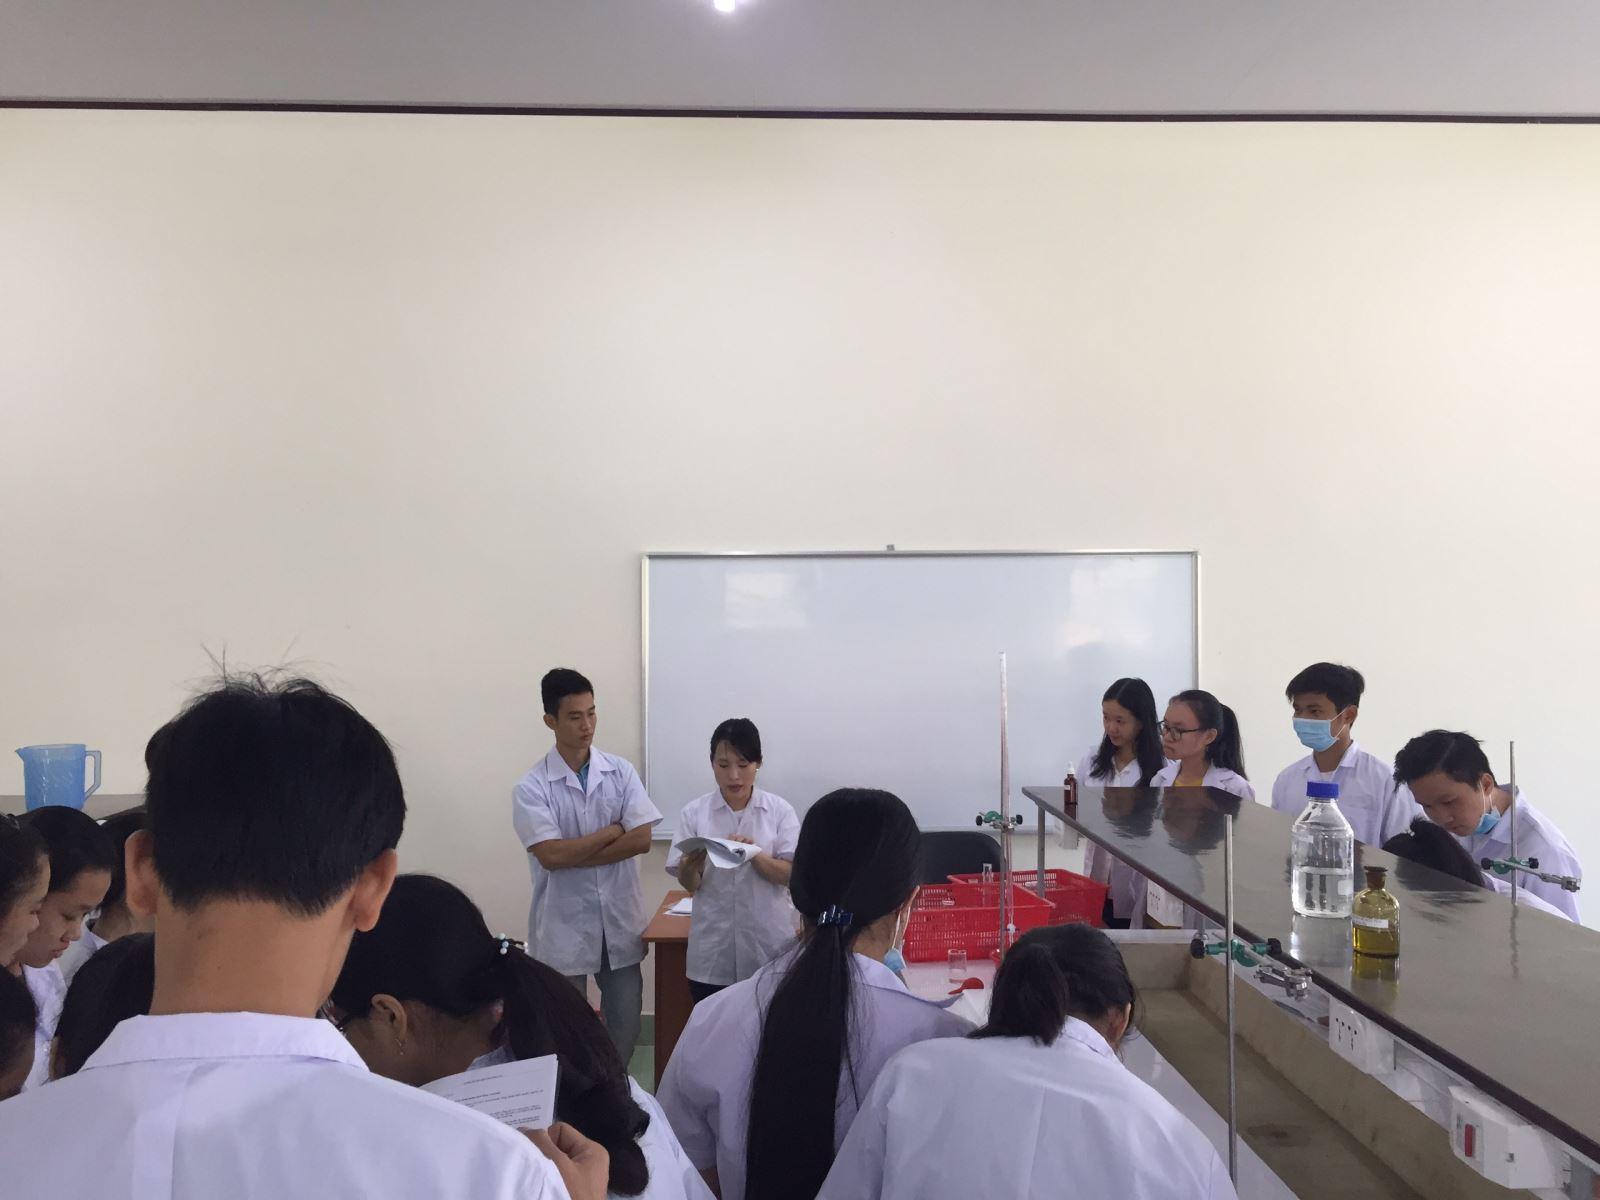 Phân hiệu ĐHQG-HCM tại tỉnh Bến Tre mở 3 ngành học mới trong năm 2019